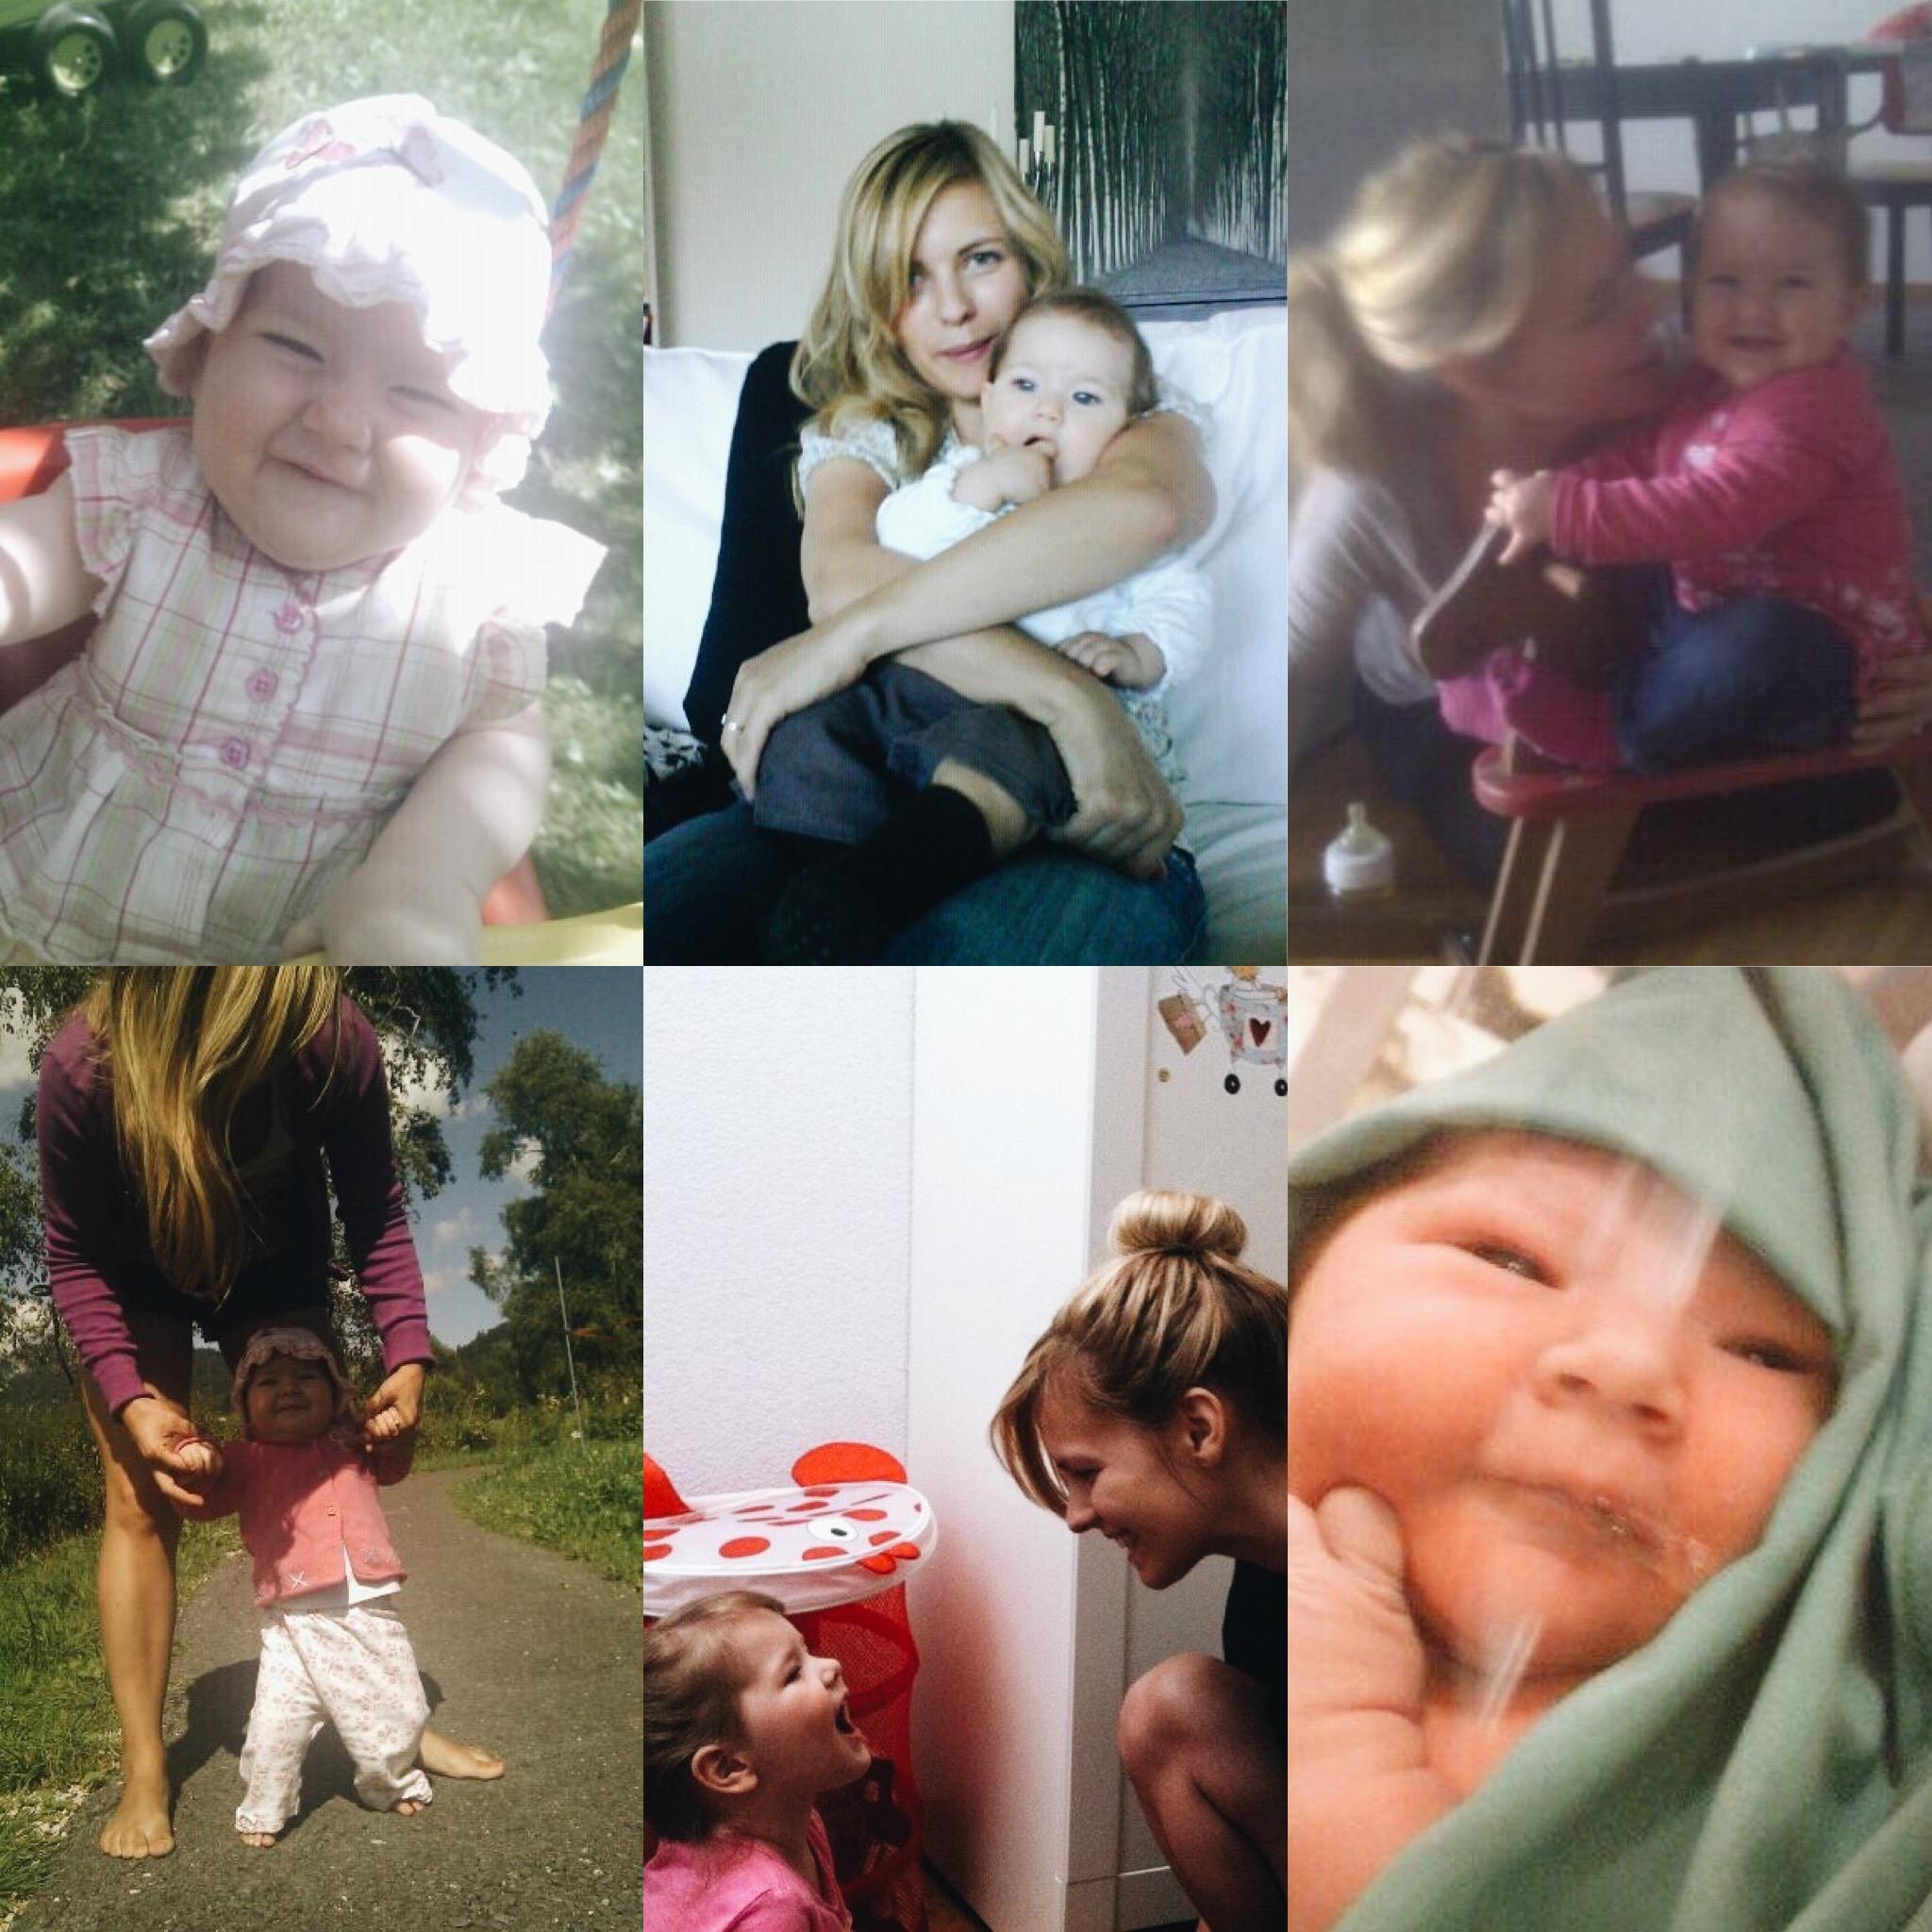 enfants temps file souvenirs blog maman humeurs pensées présent inspiration thereseandthekids